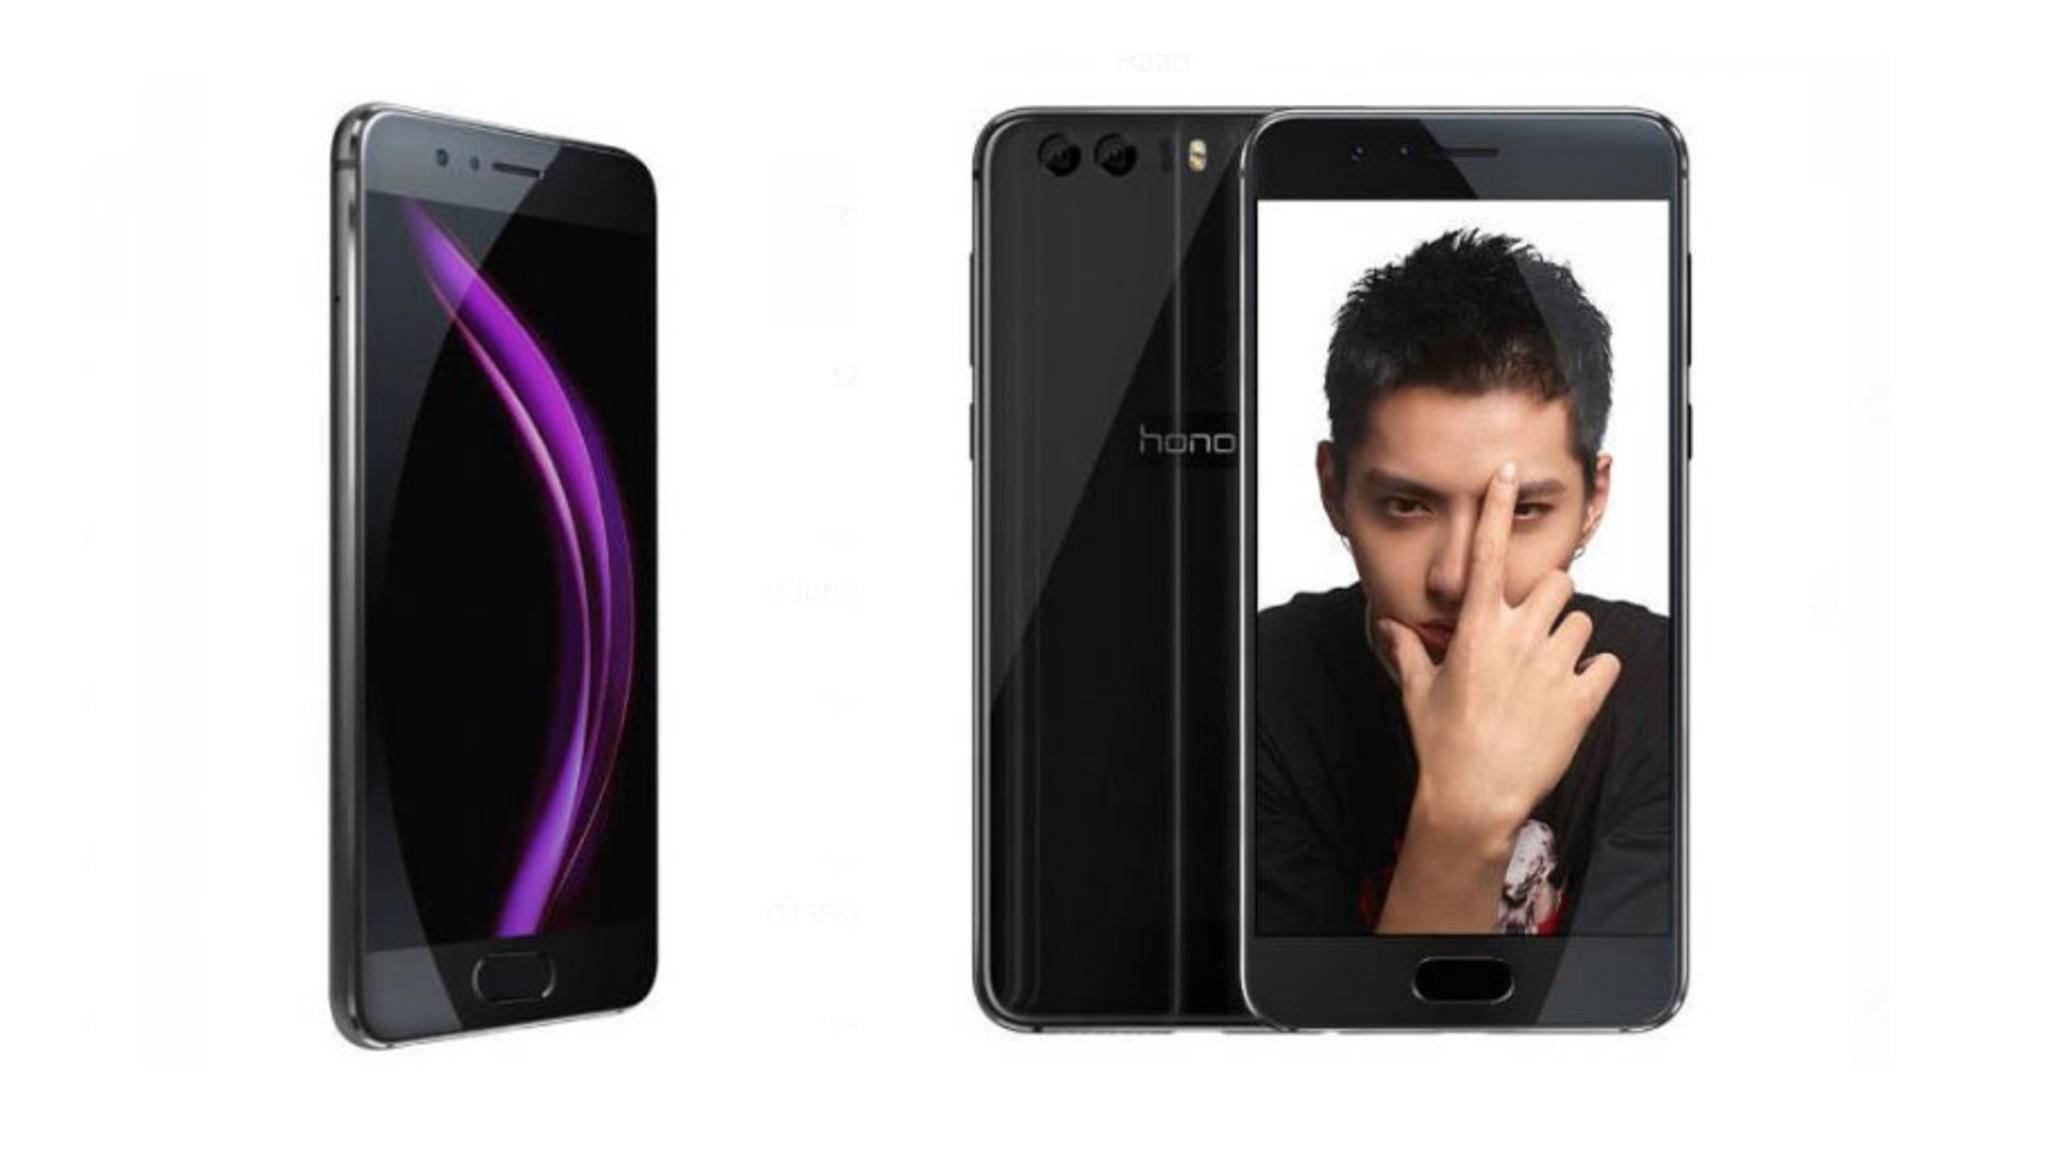 Im Gegensatz zum Honor 8 könnte der Fingerabdrucksensor beim Honor 9 auf der Vorderseite platziert sein.